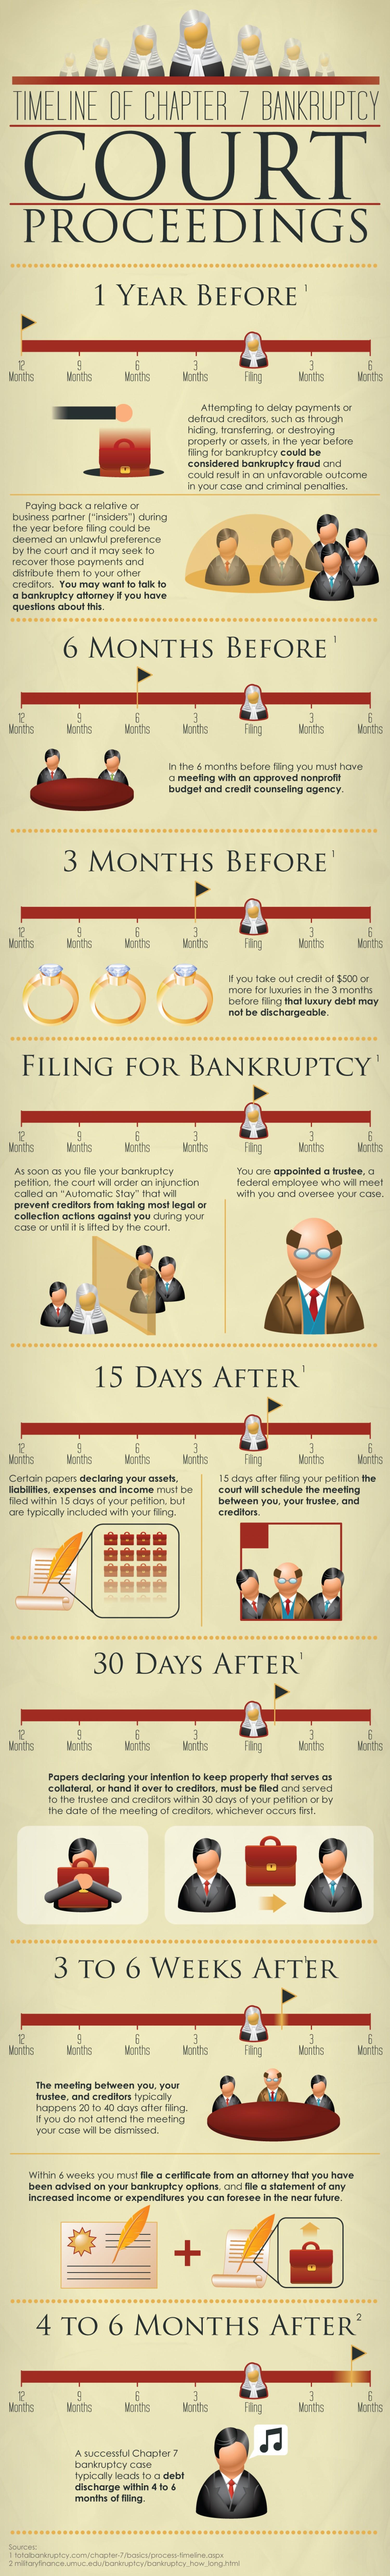 Timeline of Chapter 7 Bankruptcy